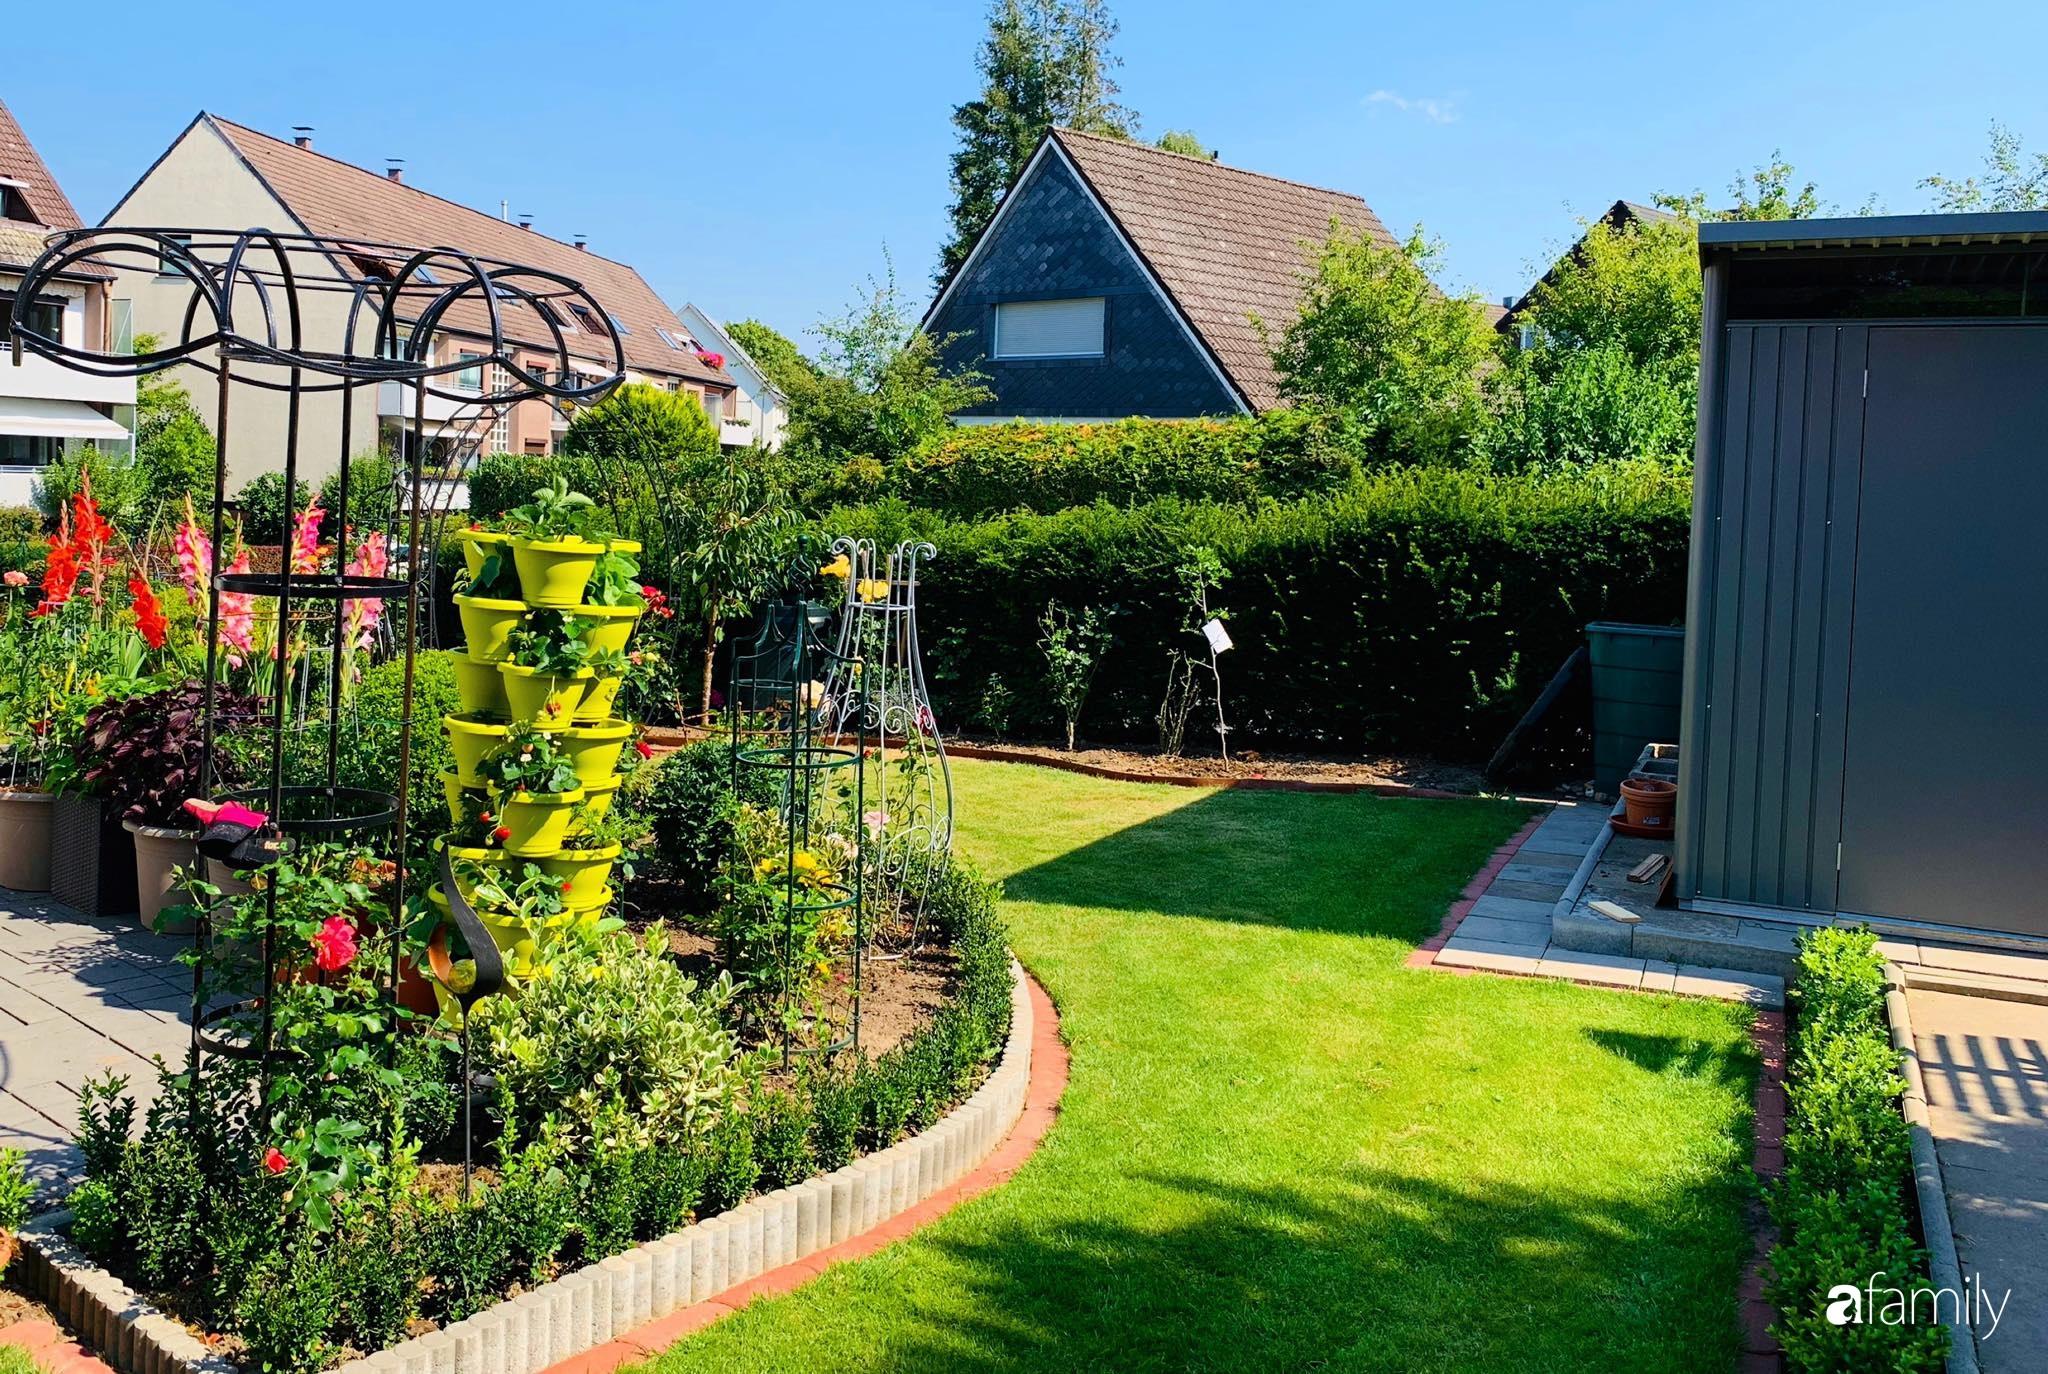 """Vườn hoa 500m² đẹp như cổ tích được tạo bởi tình yêu thiên nhiên của cặp vợ chồng dành cả """"thanh xuân"""" để trồng cây - Ảnh 7."""